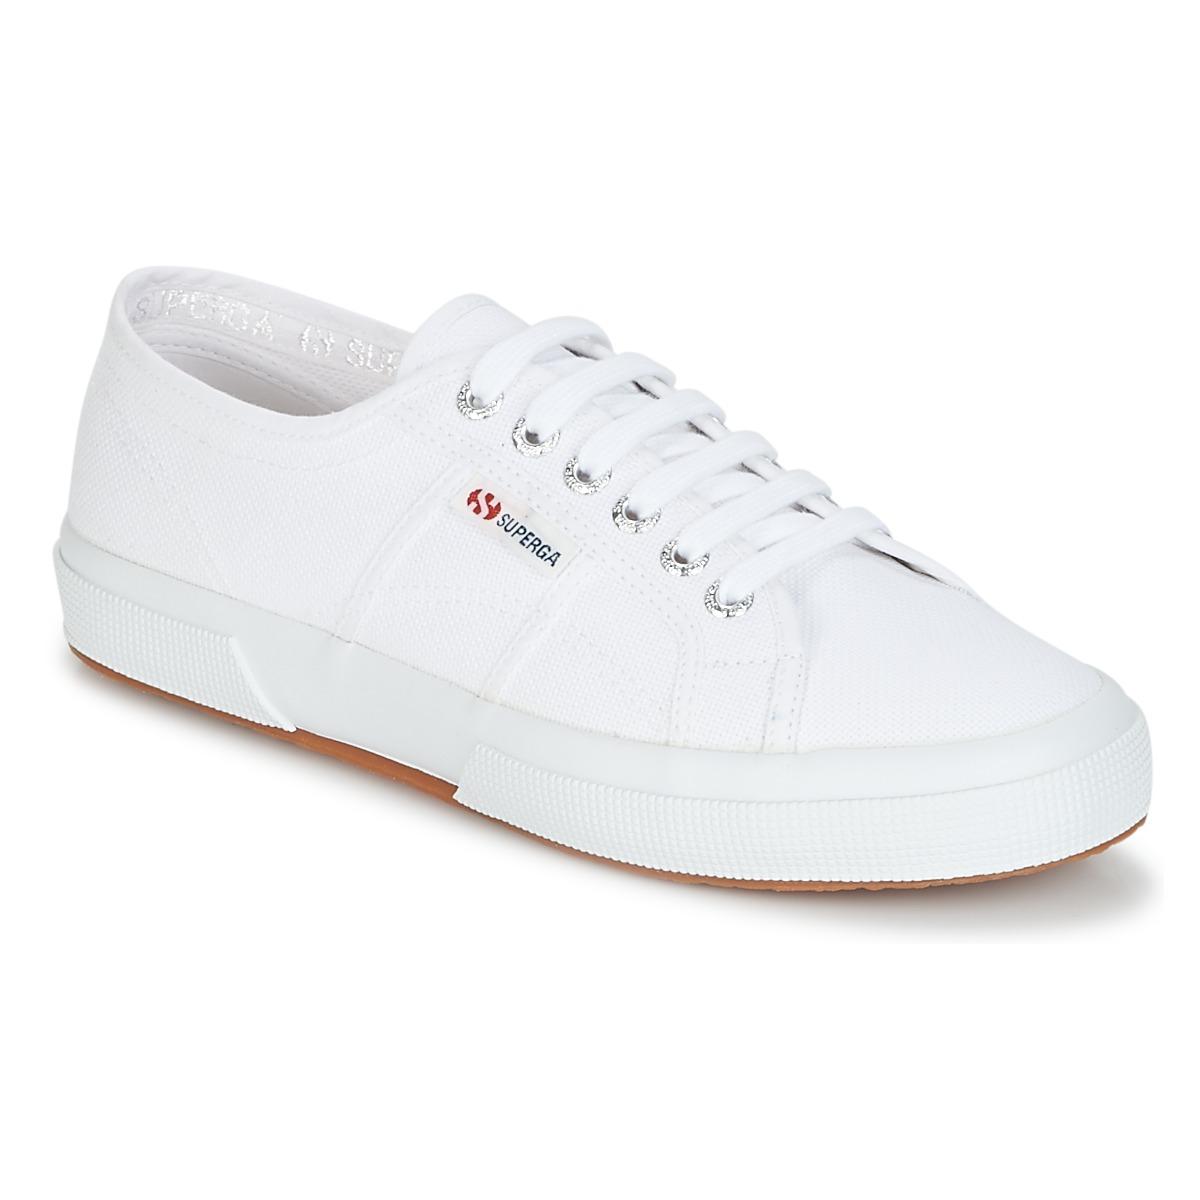 Superga 2750 CLASSIC Bianco